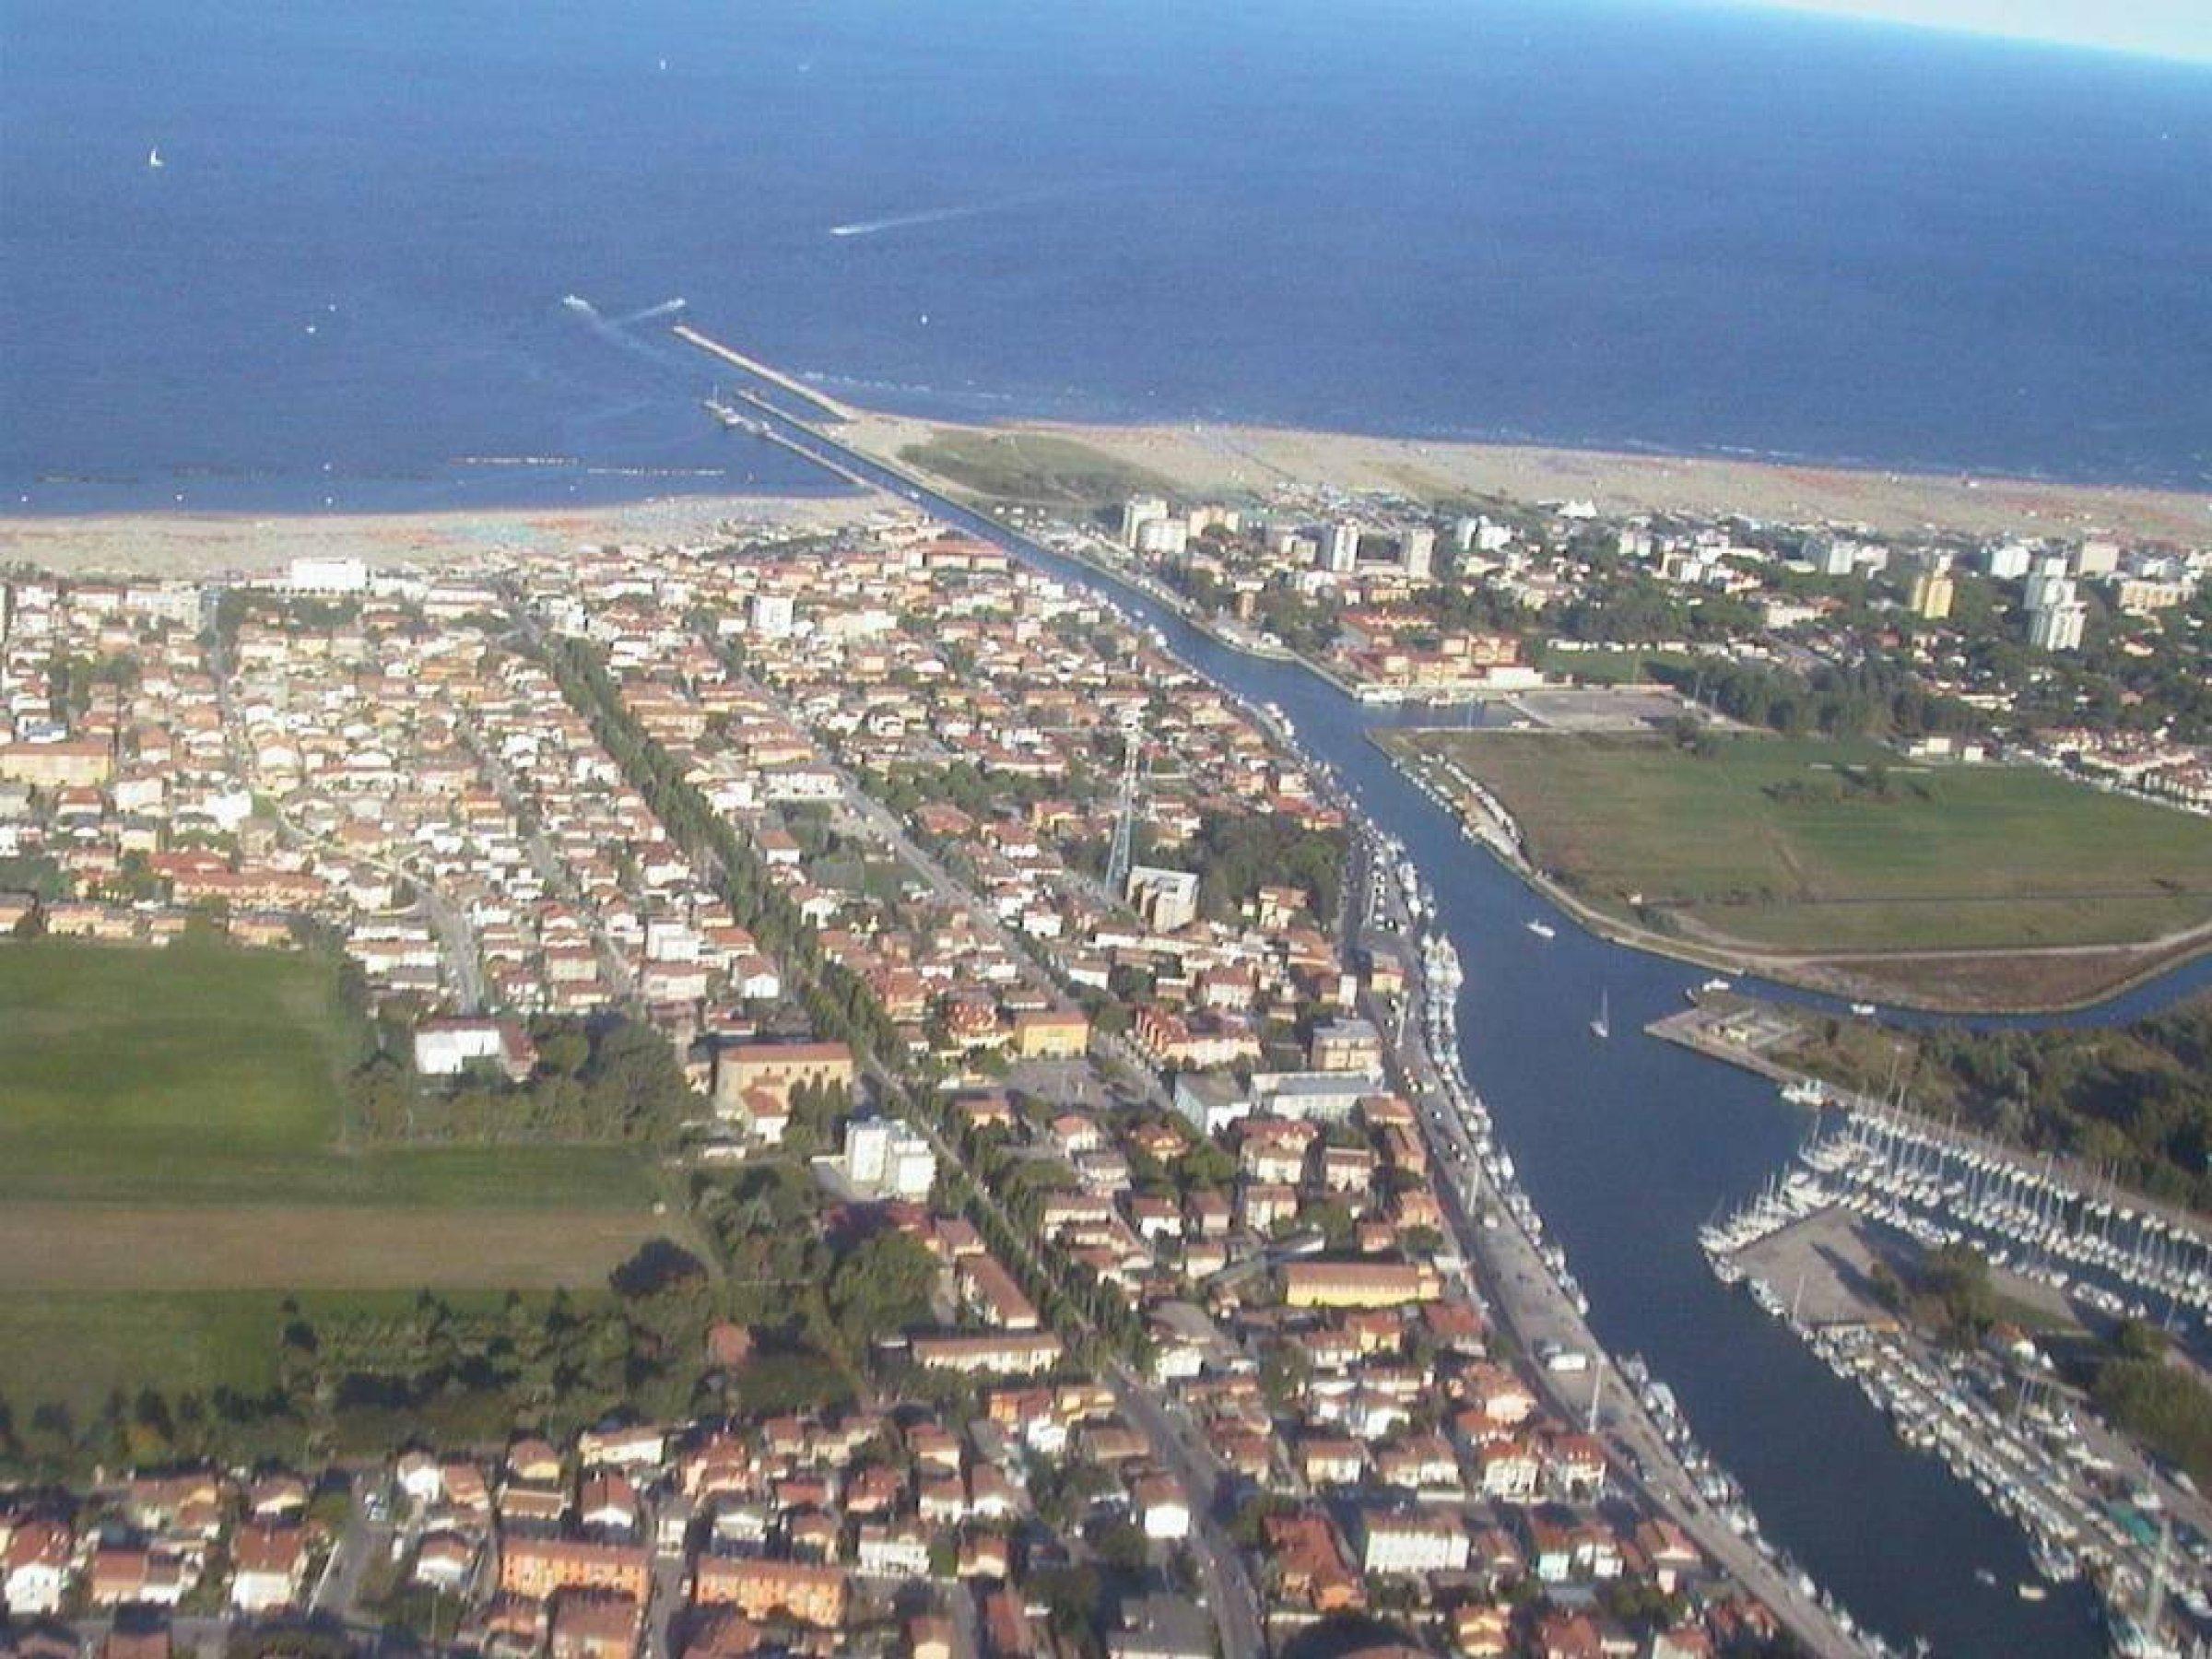 Porto garibaldi un paese che vive tutto l 39 anno e offre estati piene di divertimento - Bagno le piramidi lido di spina ...